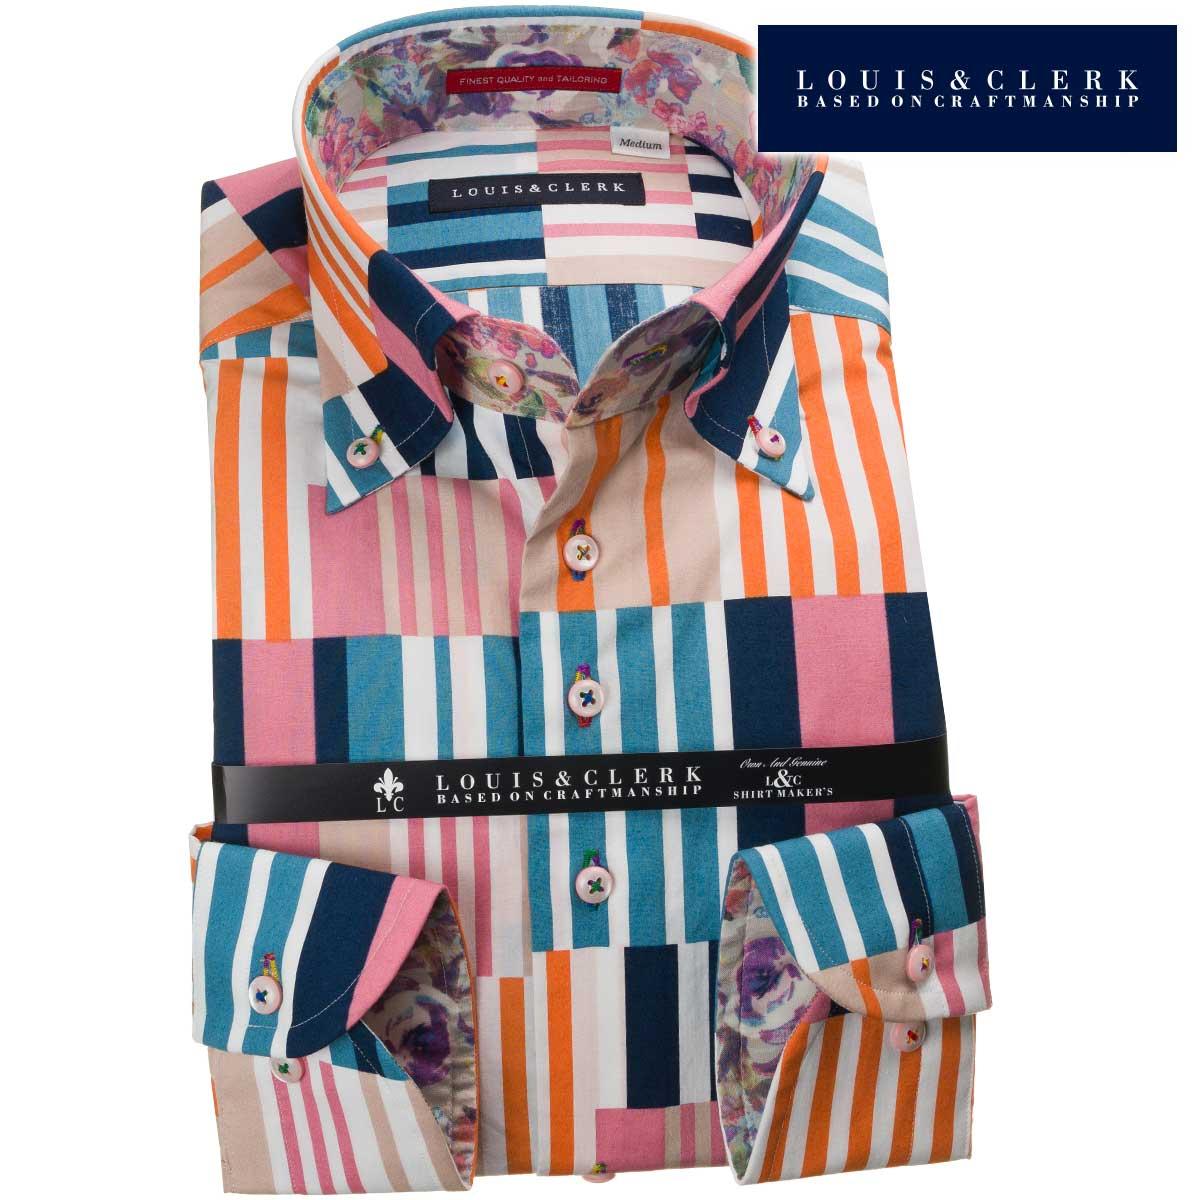 国産長袖綿100%ドレスシャツ コンフォート ボタンダウンカラー クレイジーパターン風マルチカラーストライププリント 1906メンズ fs3gm 派手 個性的 オシャレ